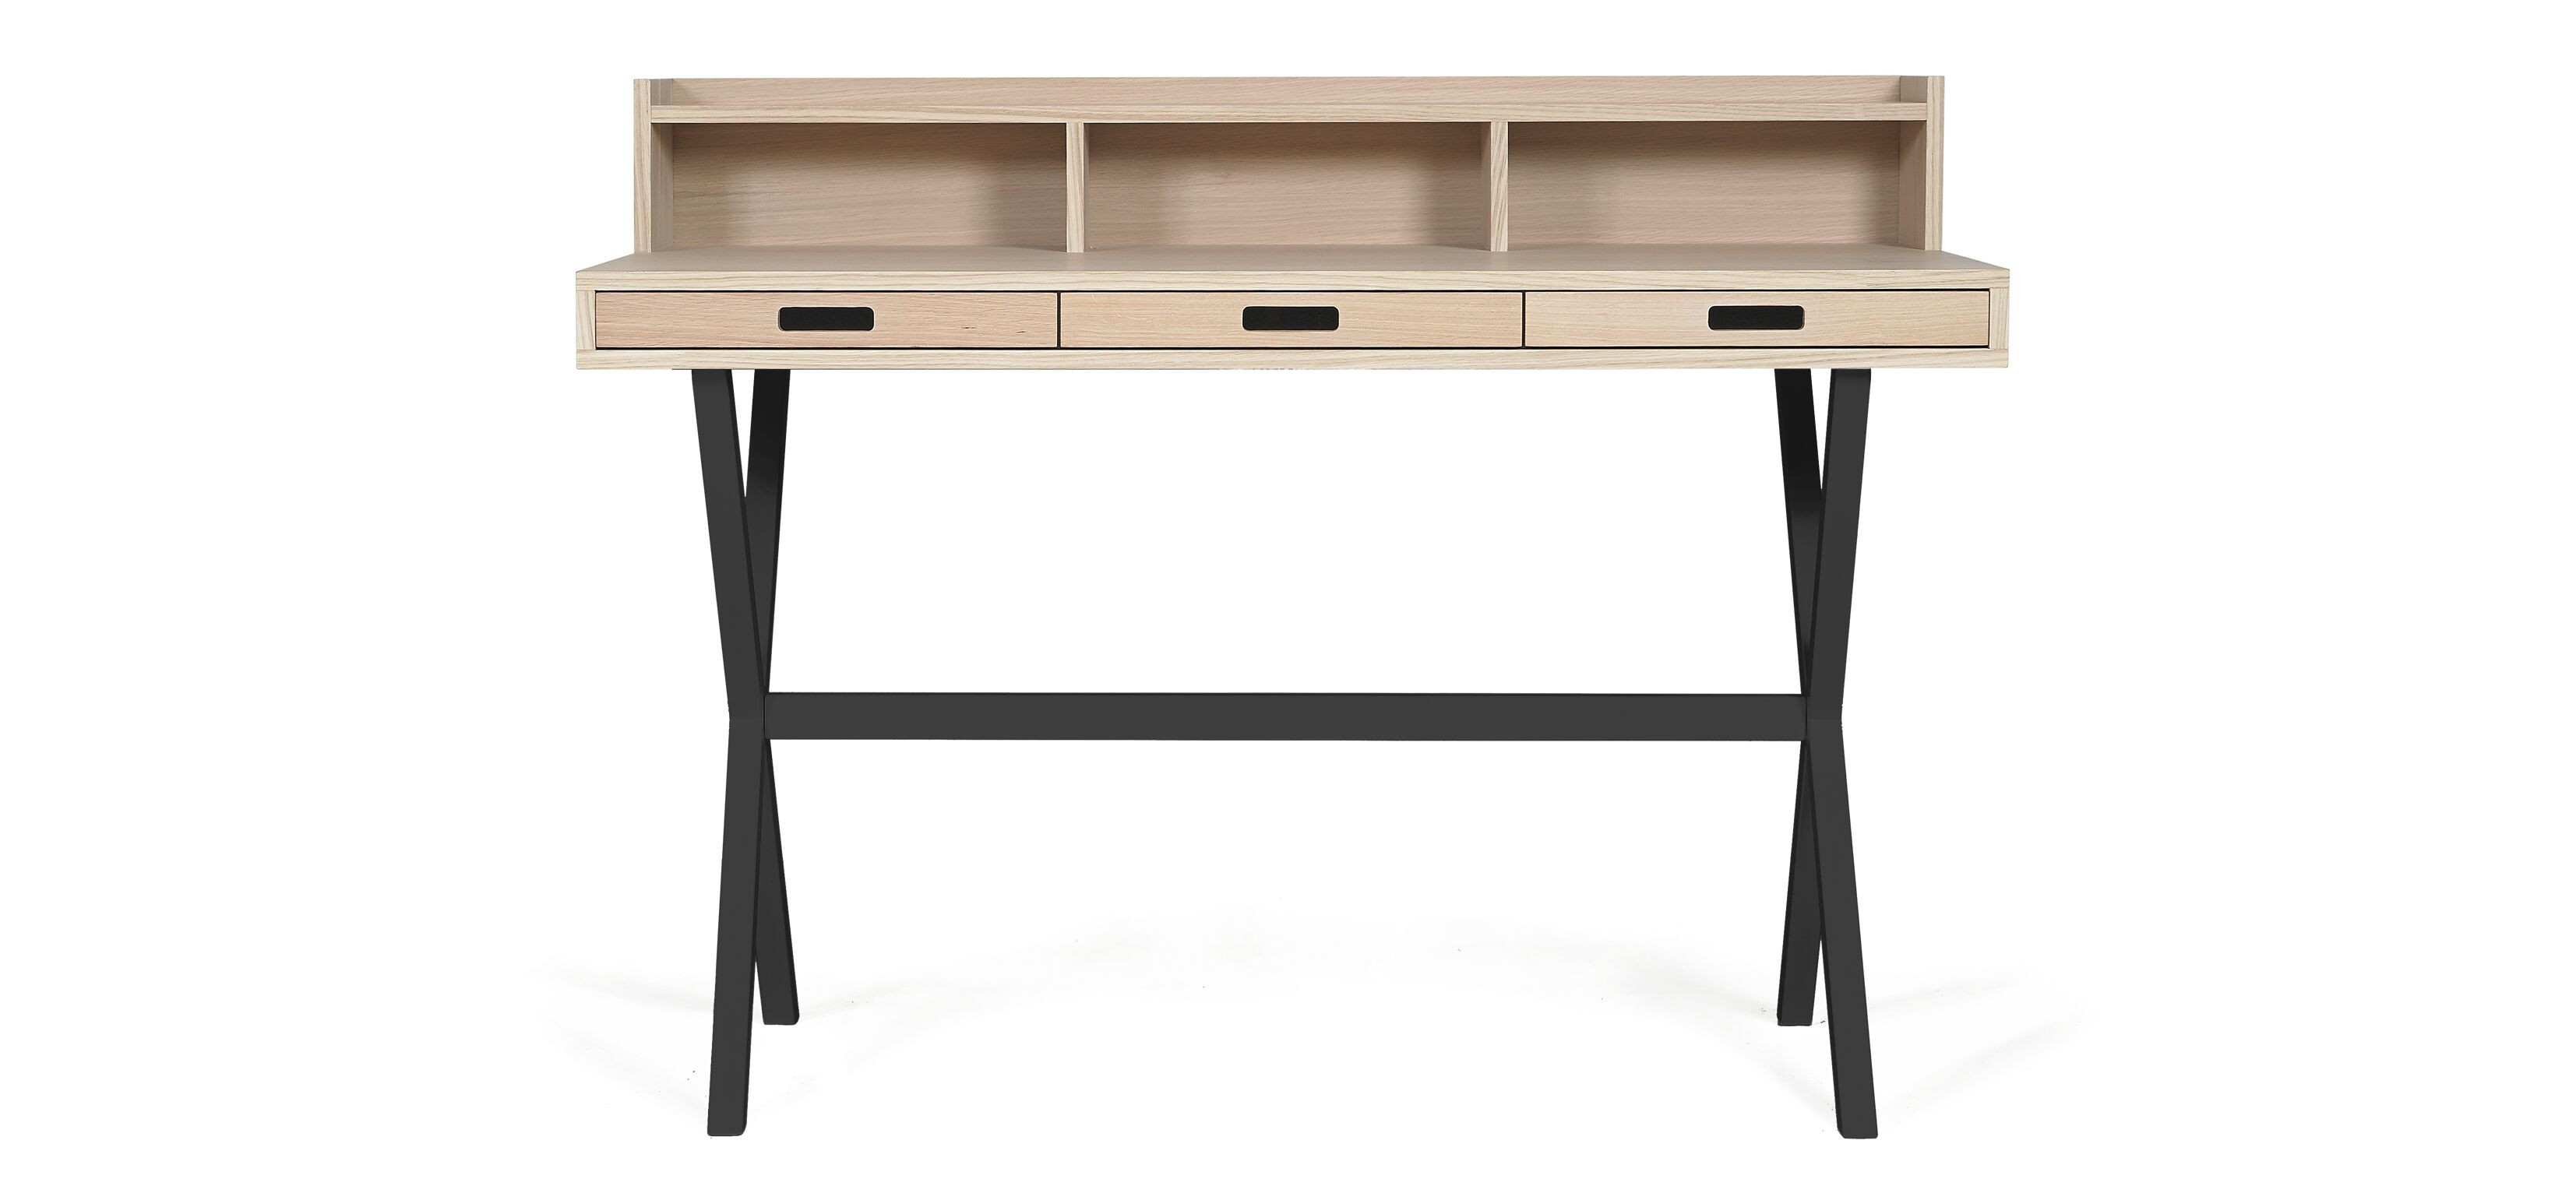 bureau en ch ne hyppolite de hart gris ardoise. Black Bedroom Furniture Sets. Home Design Ideas